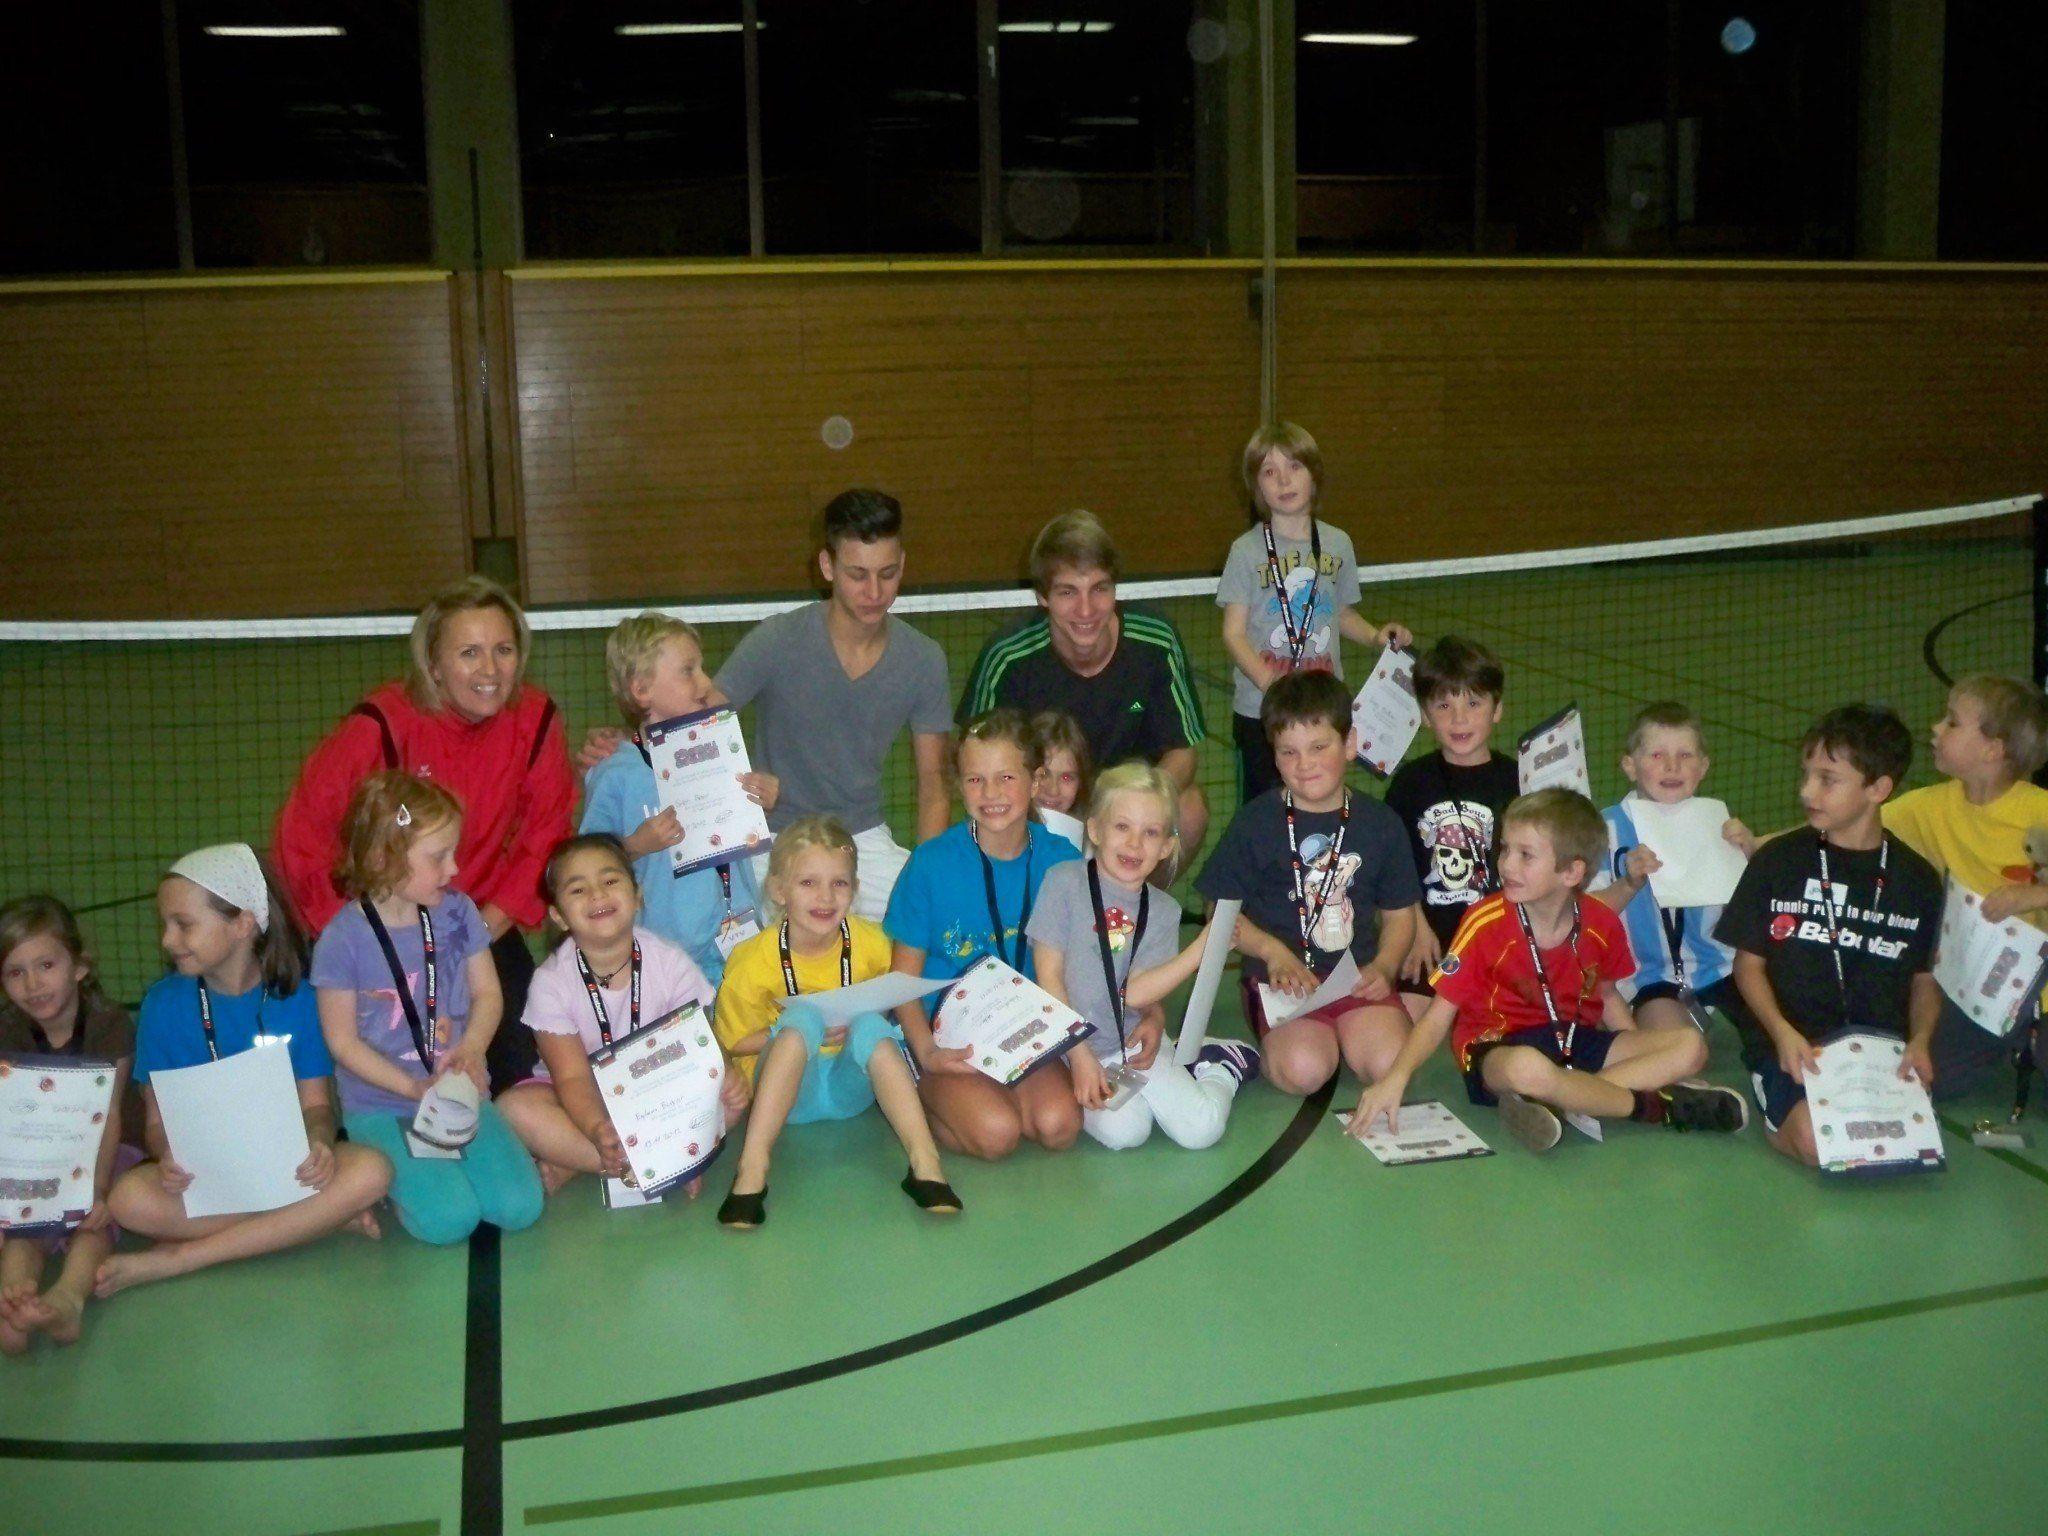 Ob Tennis, Fußball oder Tanzen - beim neuen Elki-Kurs, können Kinder in alle Sportarten schnuppern.